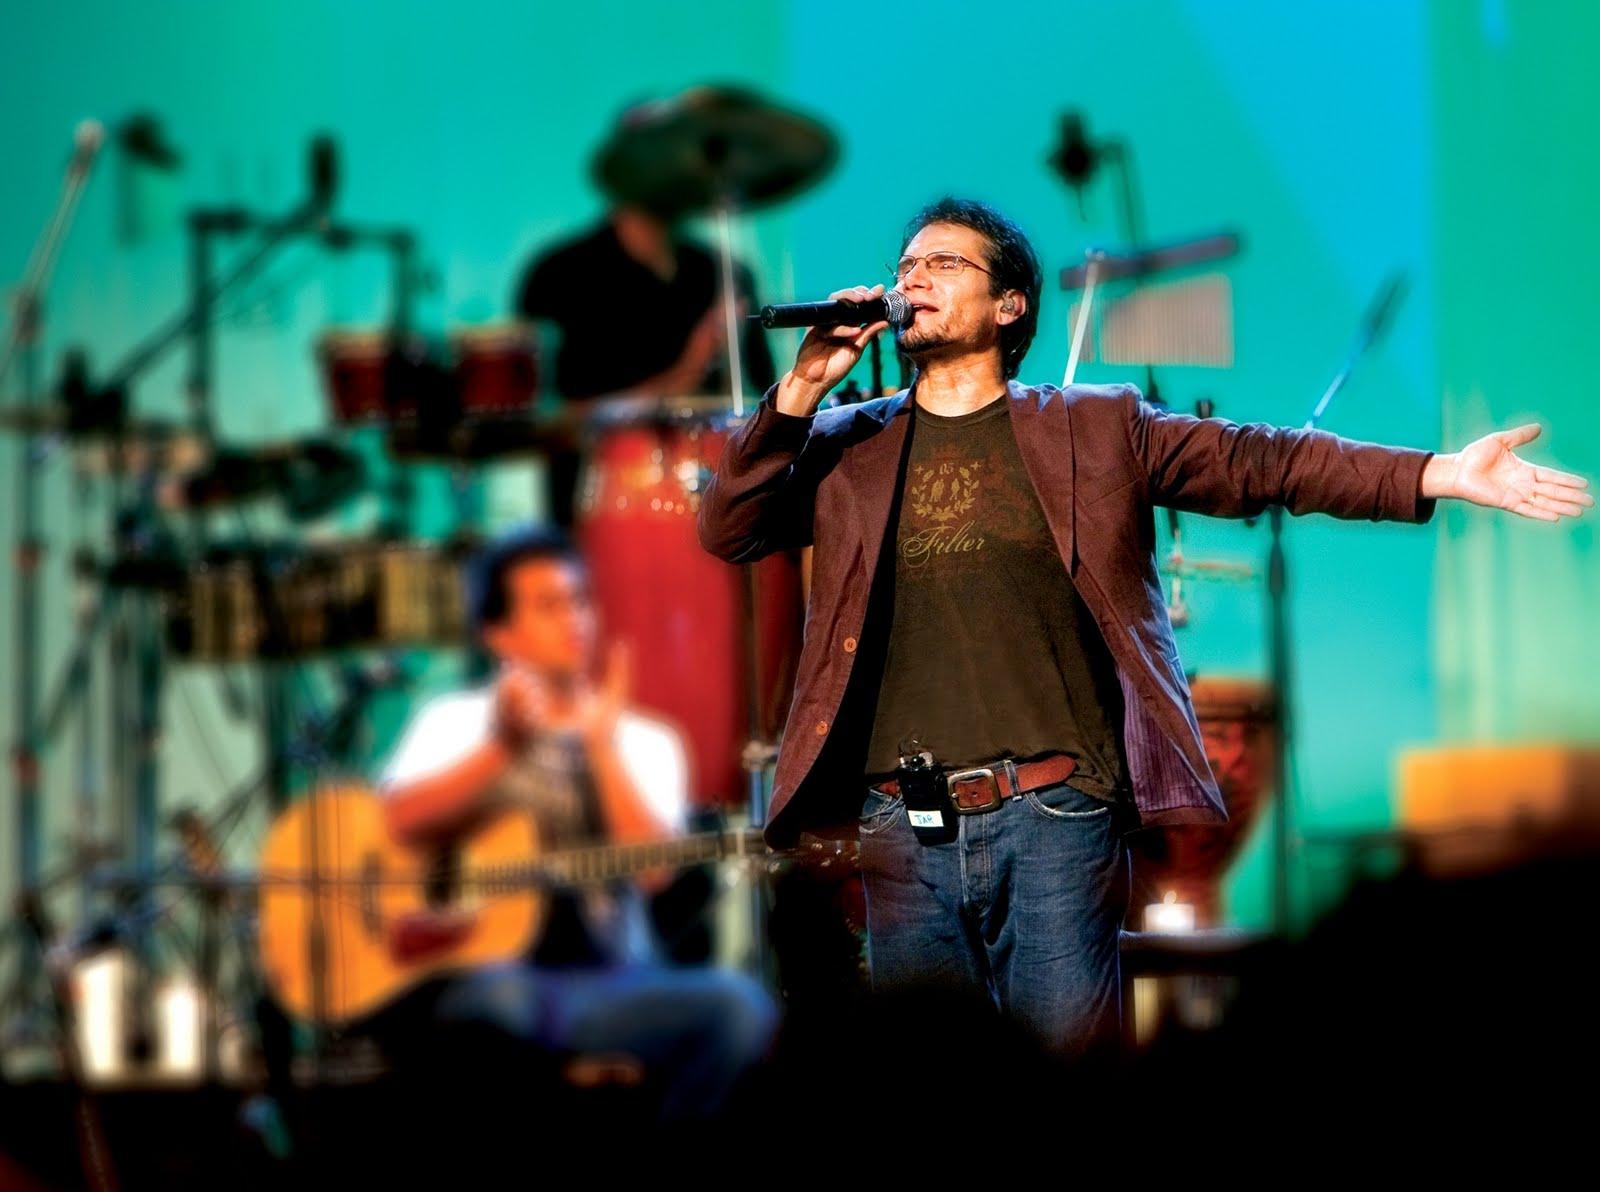 Jesus-Adrian-Romero-Aqui-estoy-yo